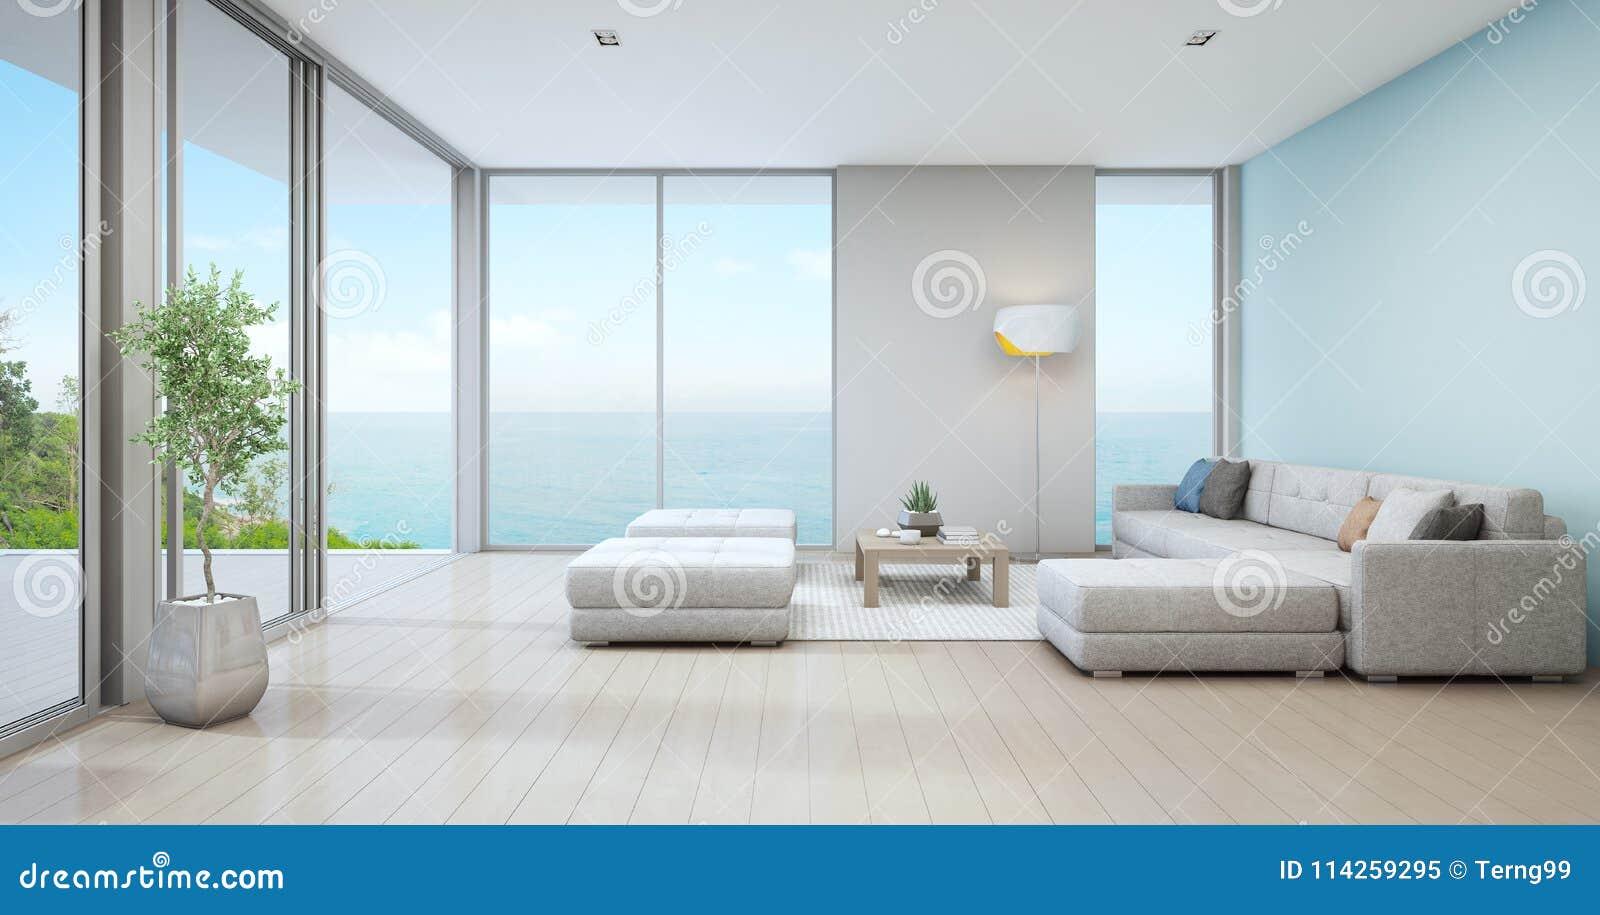 Download Seeansichtwohnzimmer Des Luxusstrandhauses Mit Zimmerpflanze Nahe  Glastür  Und Bretterbodenplattform Stock Abbildung   Illustration Von